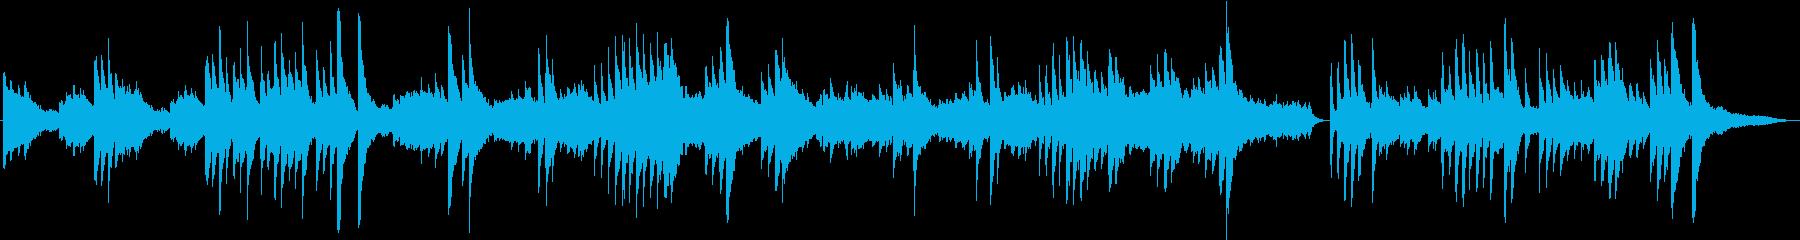 夢色のふわっとした雰囲気のBGMの再生済みの波形